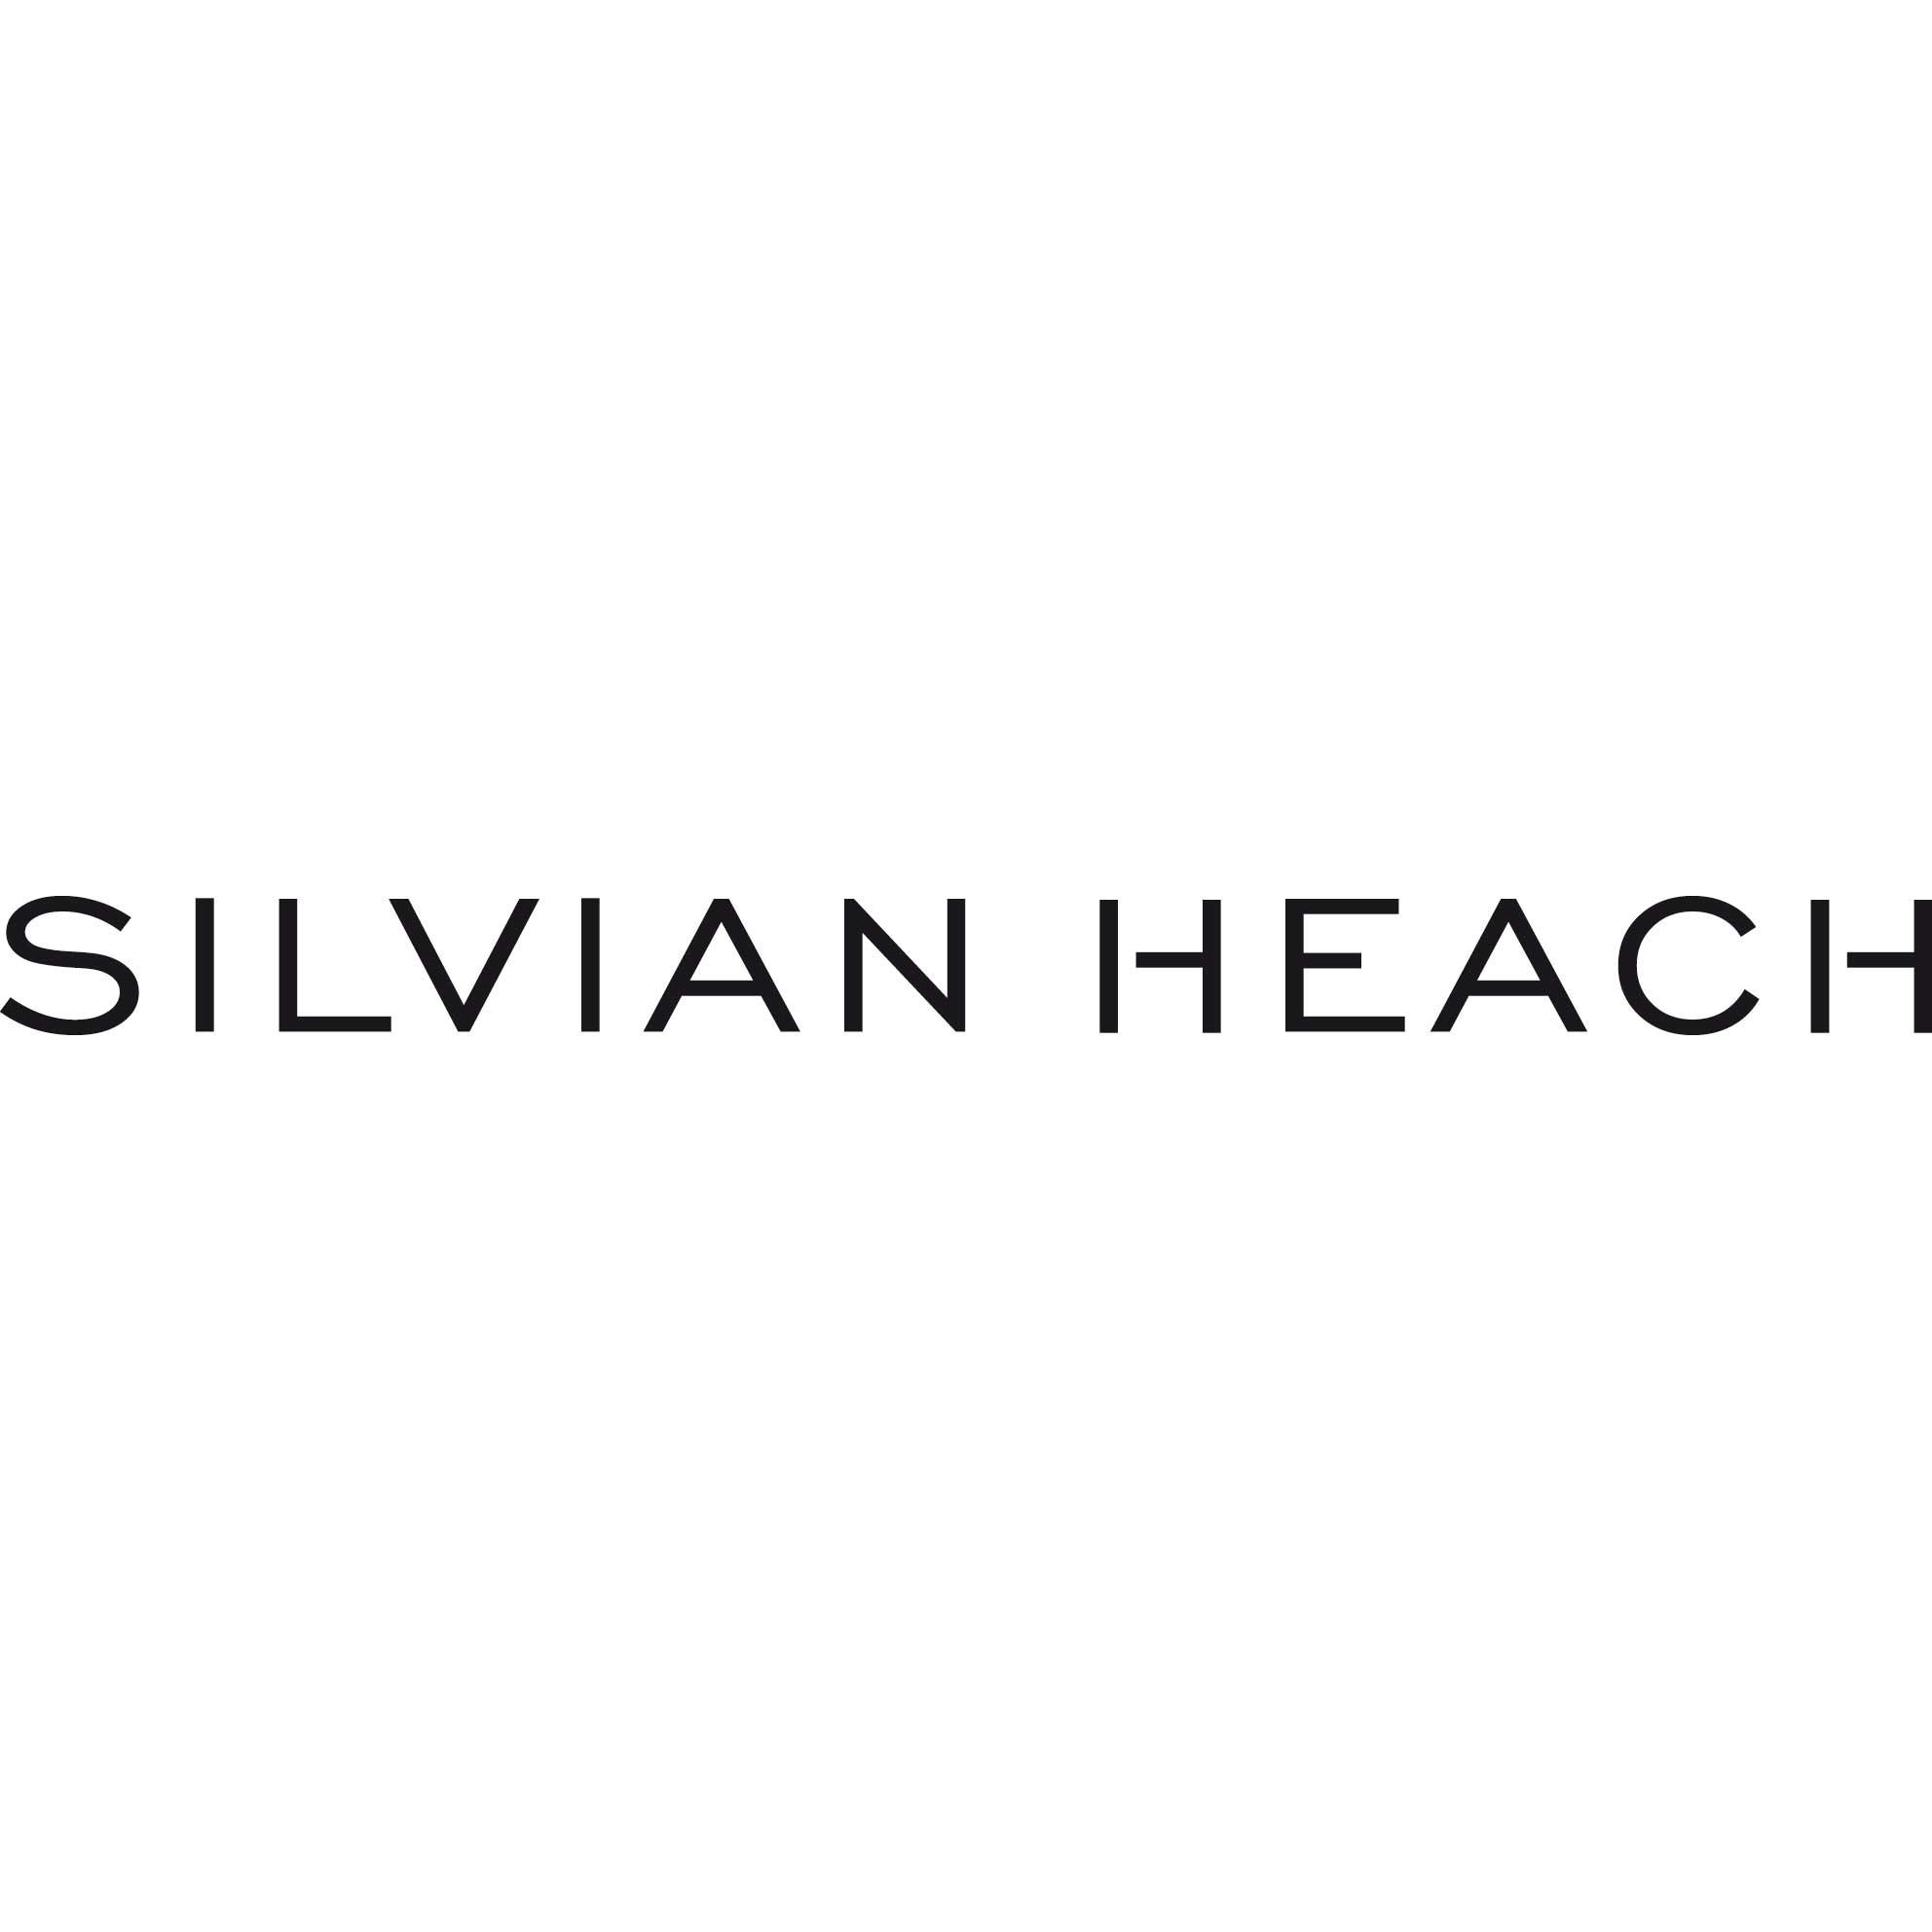 Silvian Heach